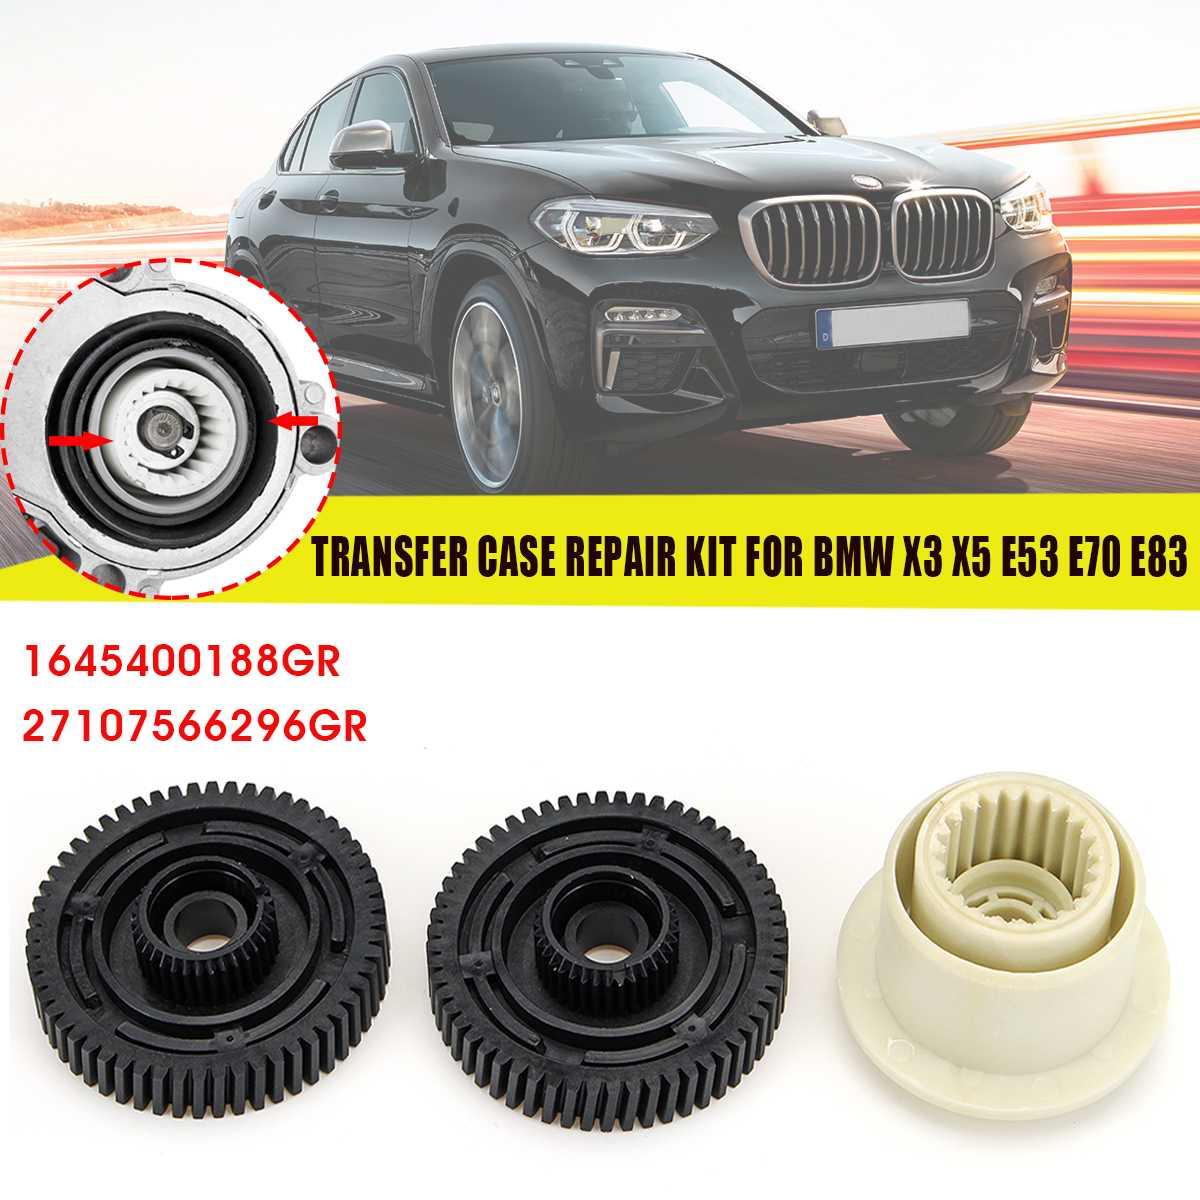 3cs Transferência De Caixa De Velocidades Do Carro Atuador Servo Motor de Reposição de Reparação 27107566296 Para BMW X3 X5 X6 E83 E53 E70 e71